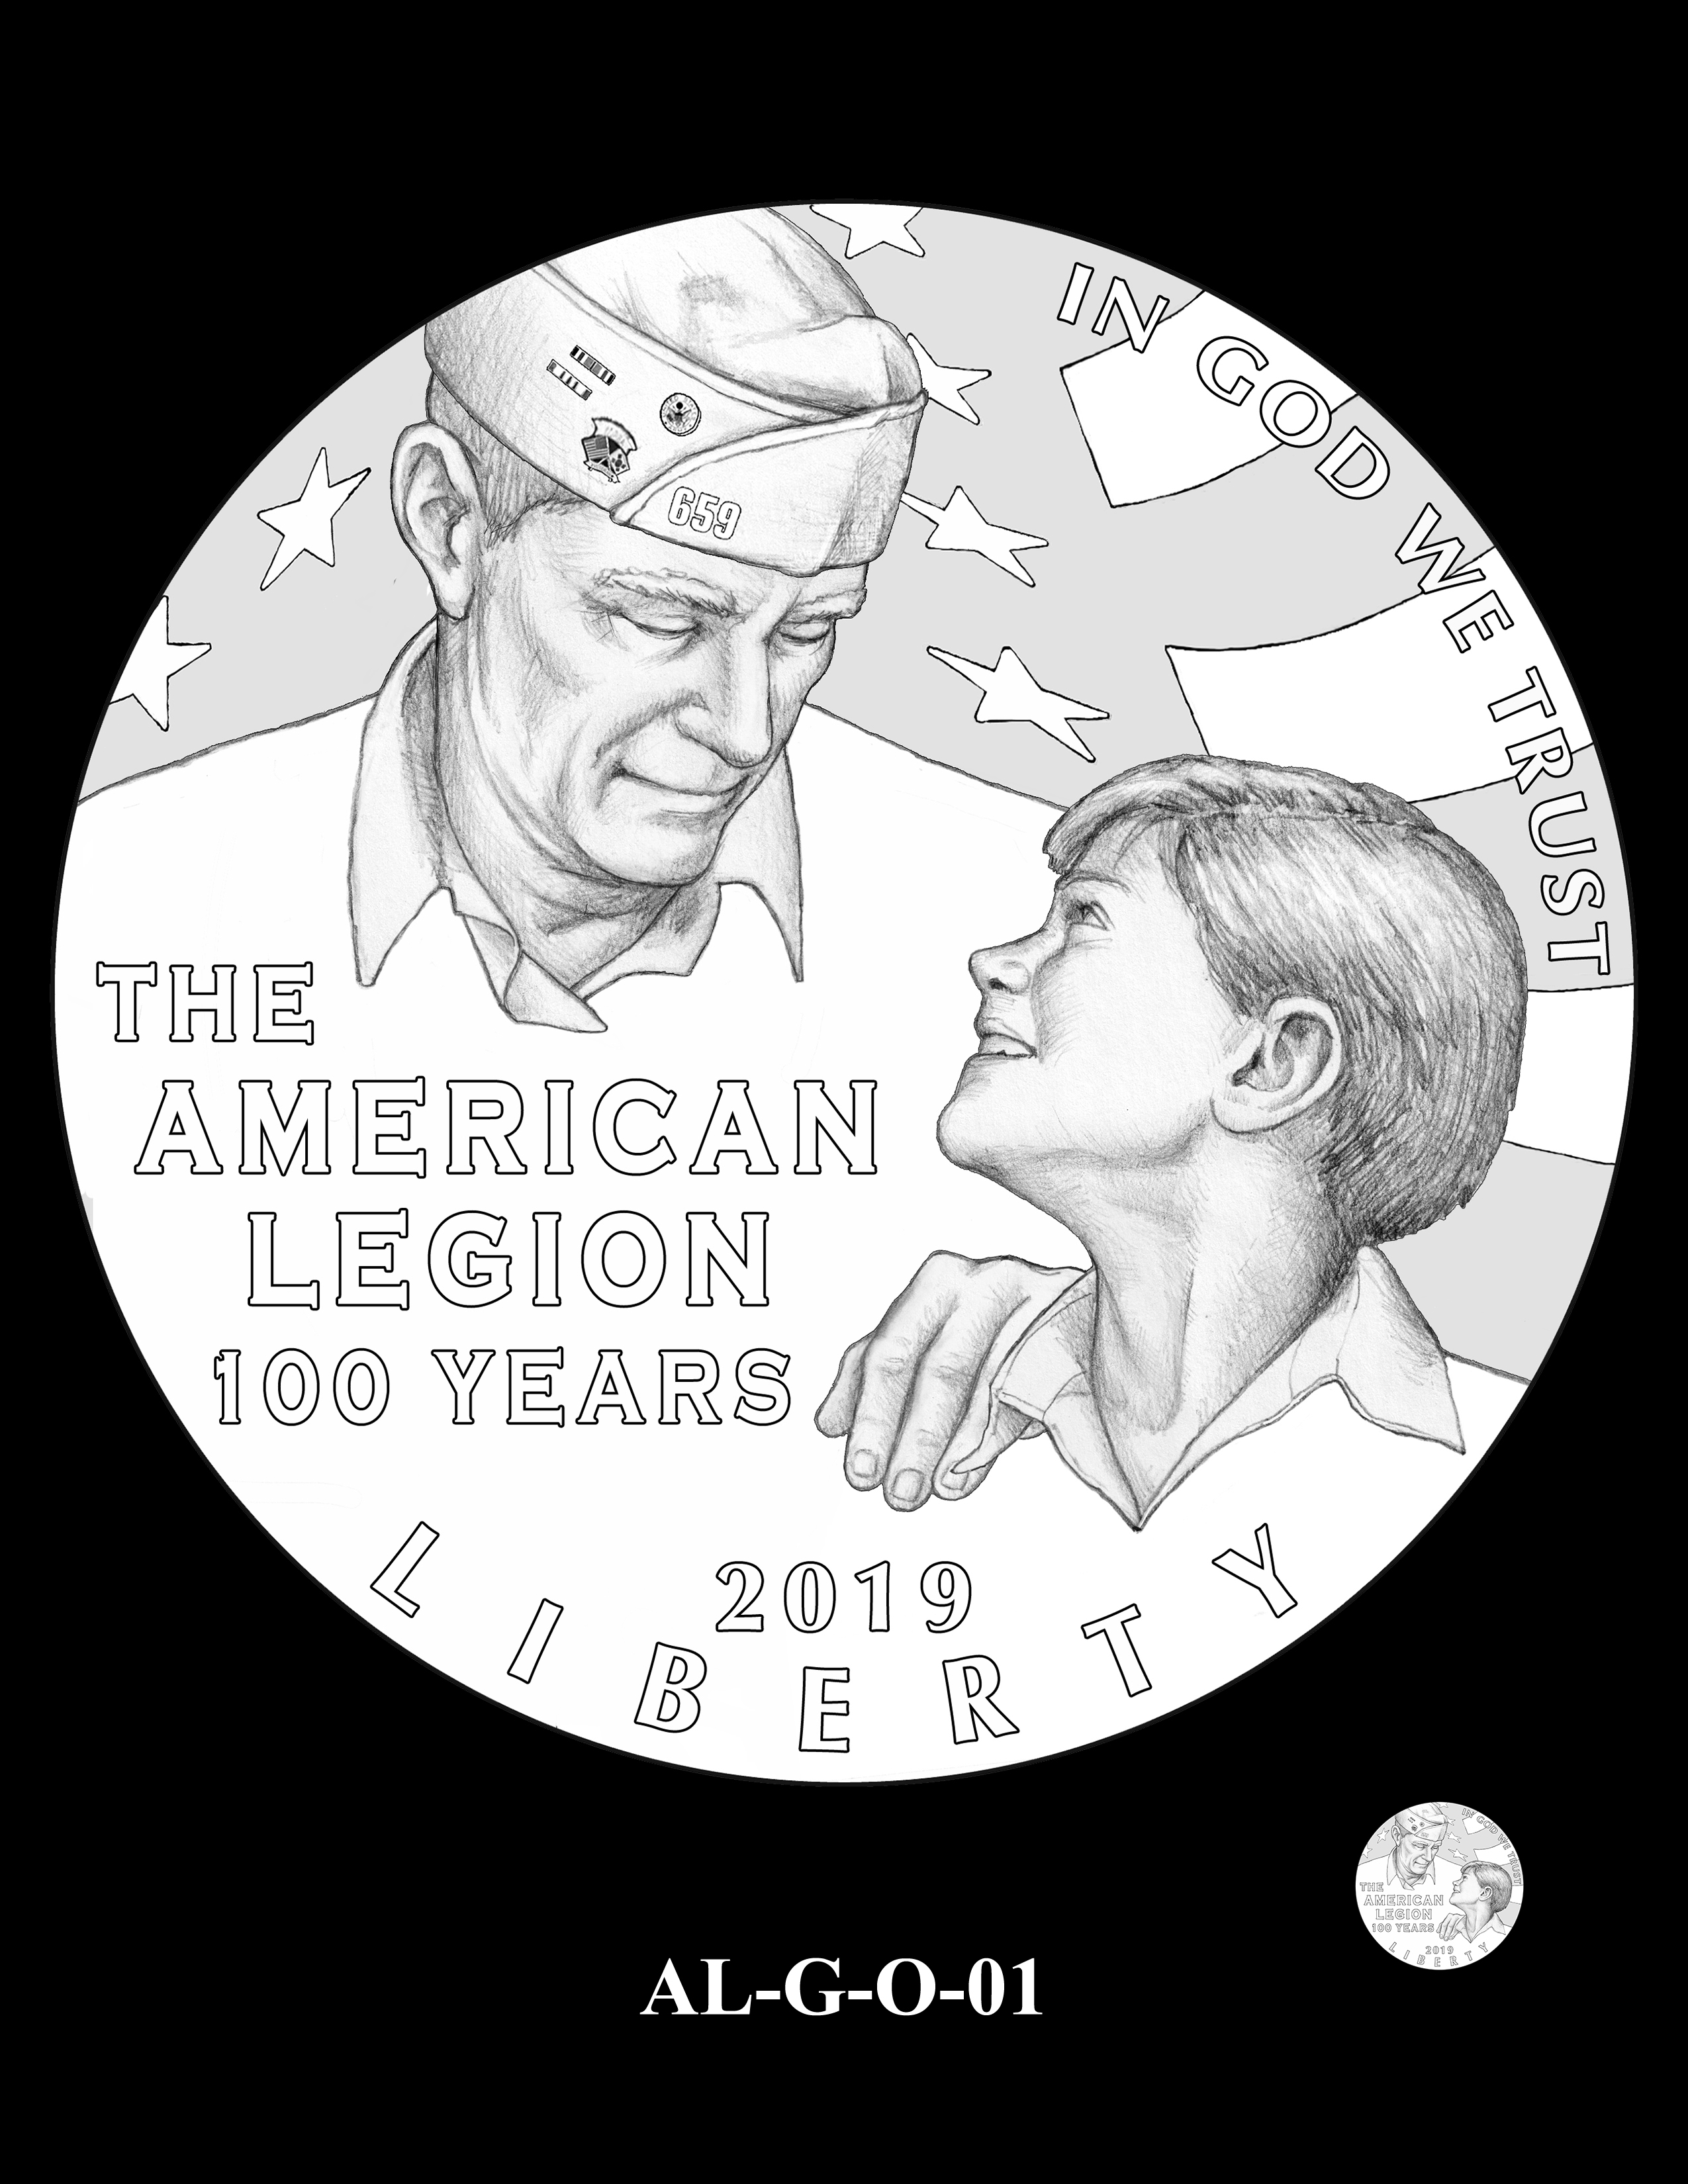 AL-G-O-01 -- 2019 American Legion 100th Anniversary Commemorative Coin Program - Gold Obverse